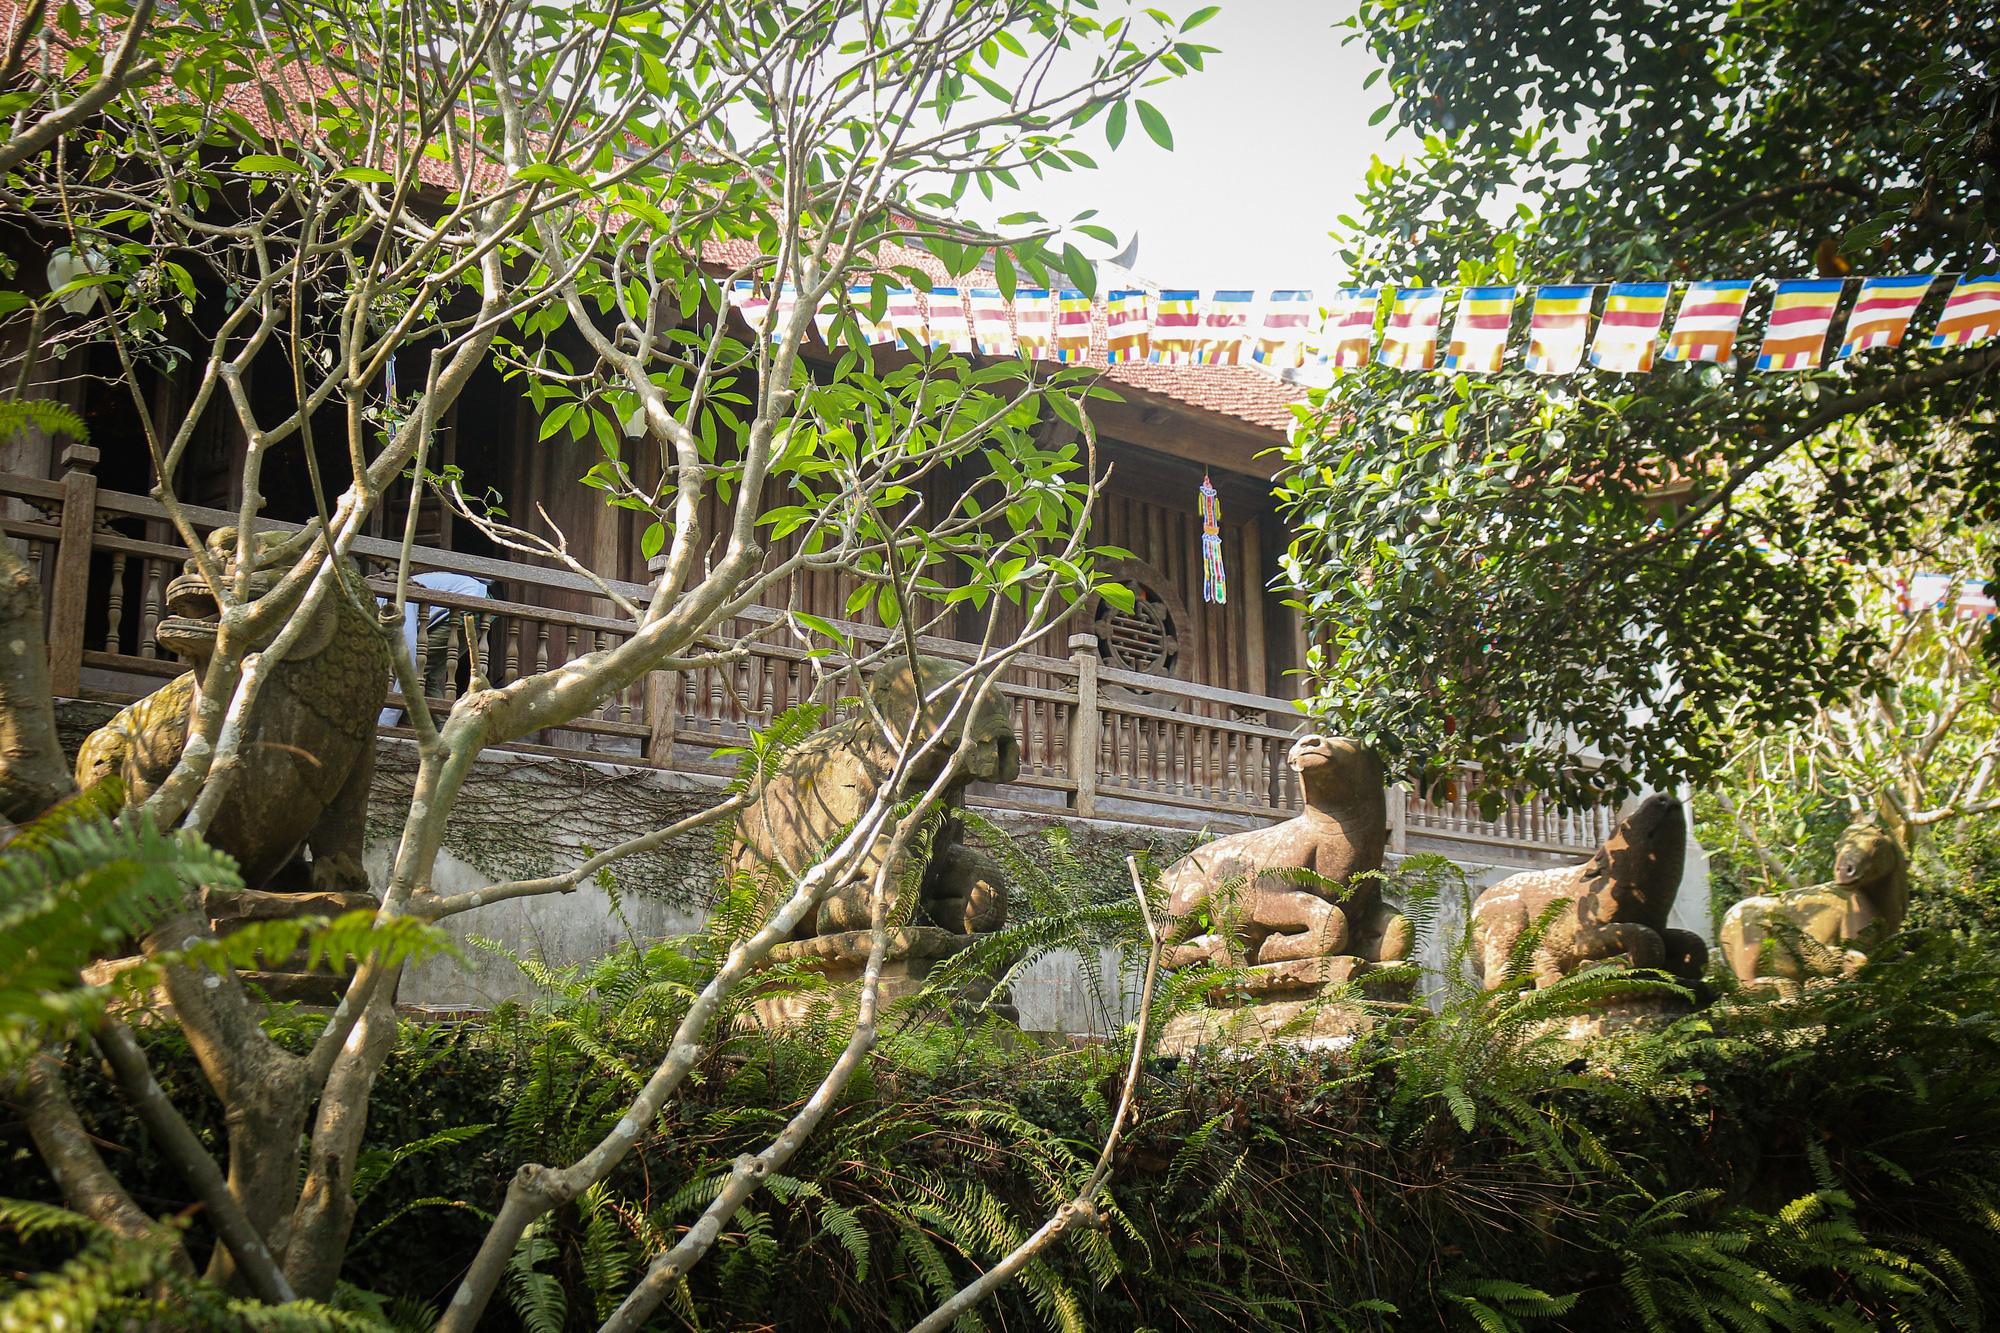 Bất ngờ ý nghĩa thực sự của bộ tượng linh thú nghìn tuổi ở chùa Phật Tích - Ảnh 1.